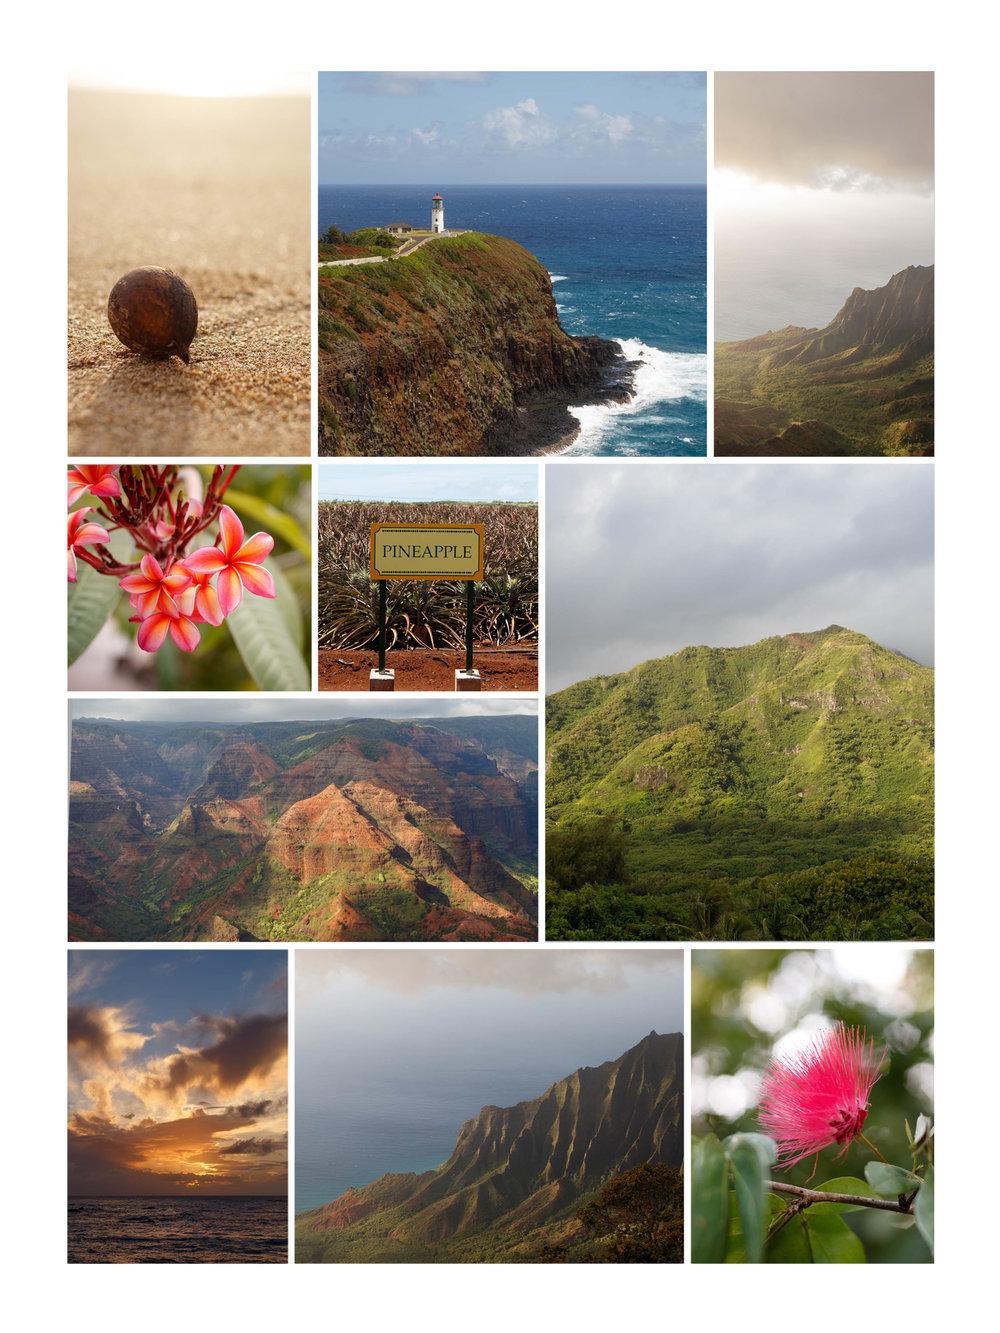 Kapaa_Kauai_Hawaii.jpg